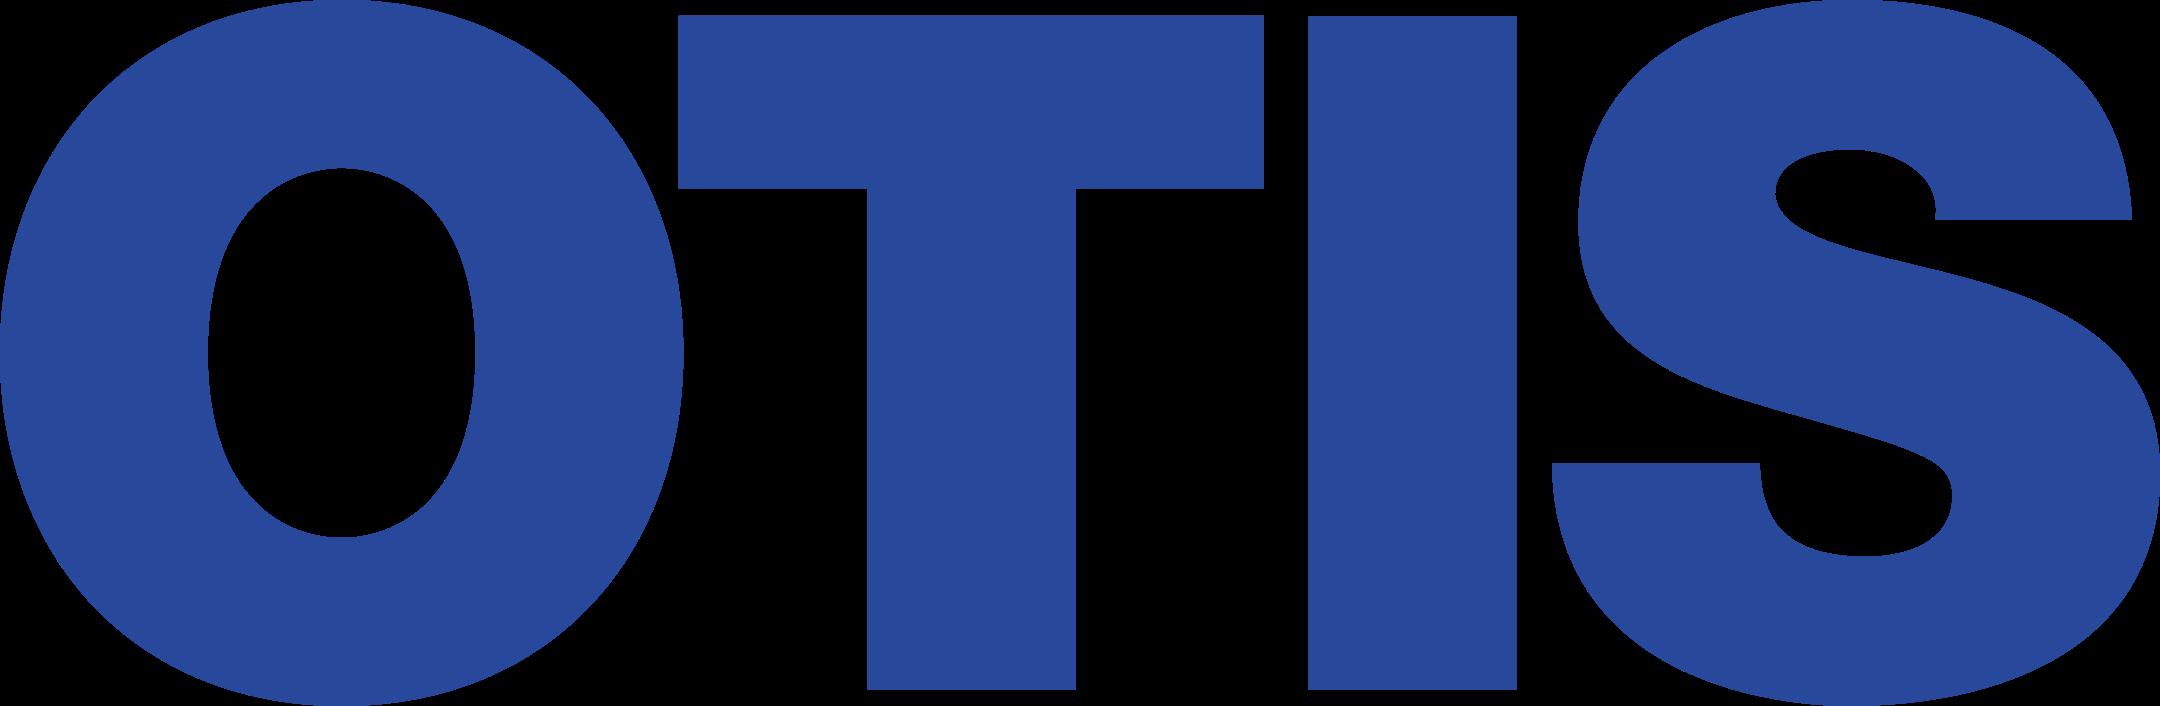 otis logo 1 - Otis Logo